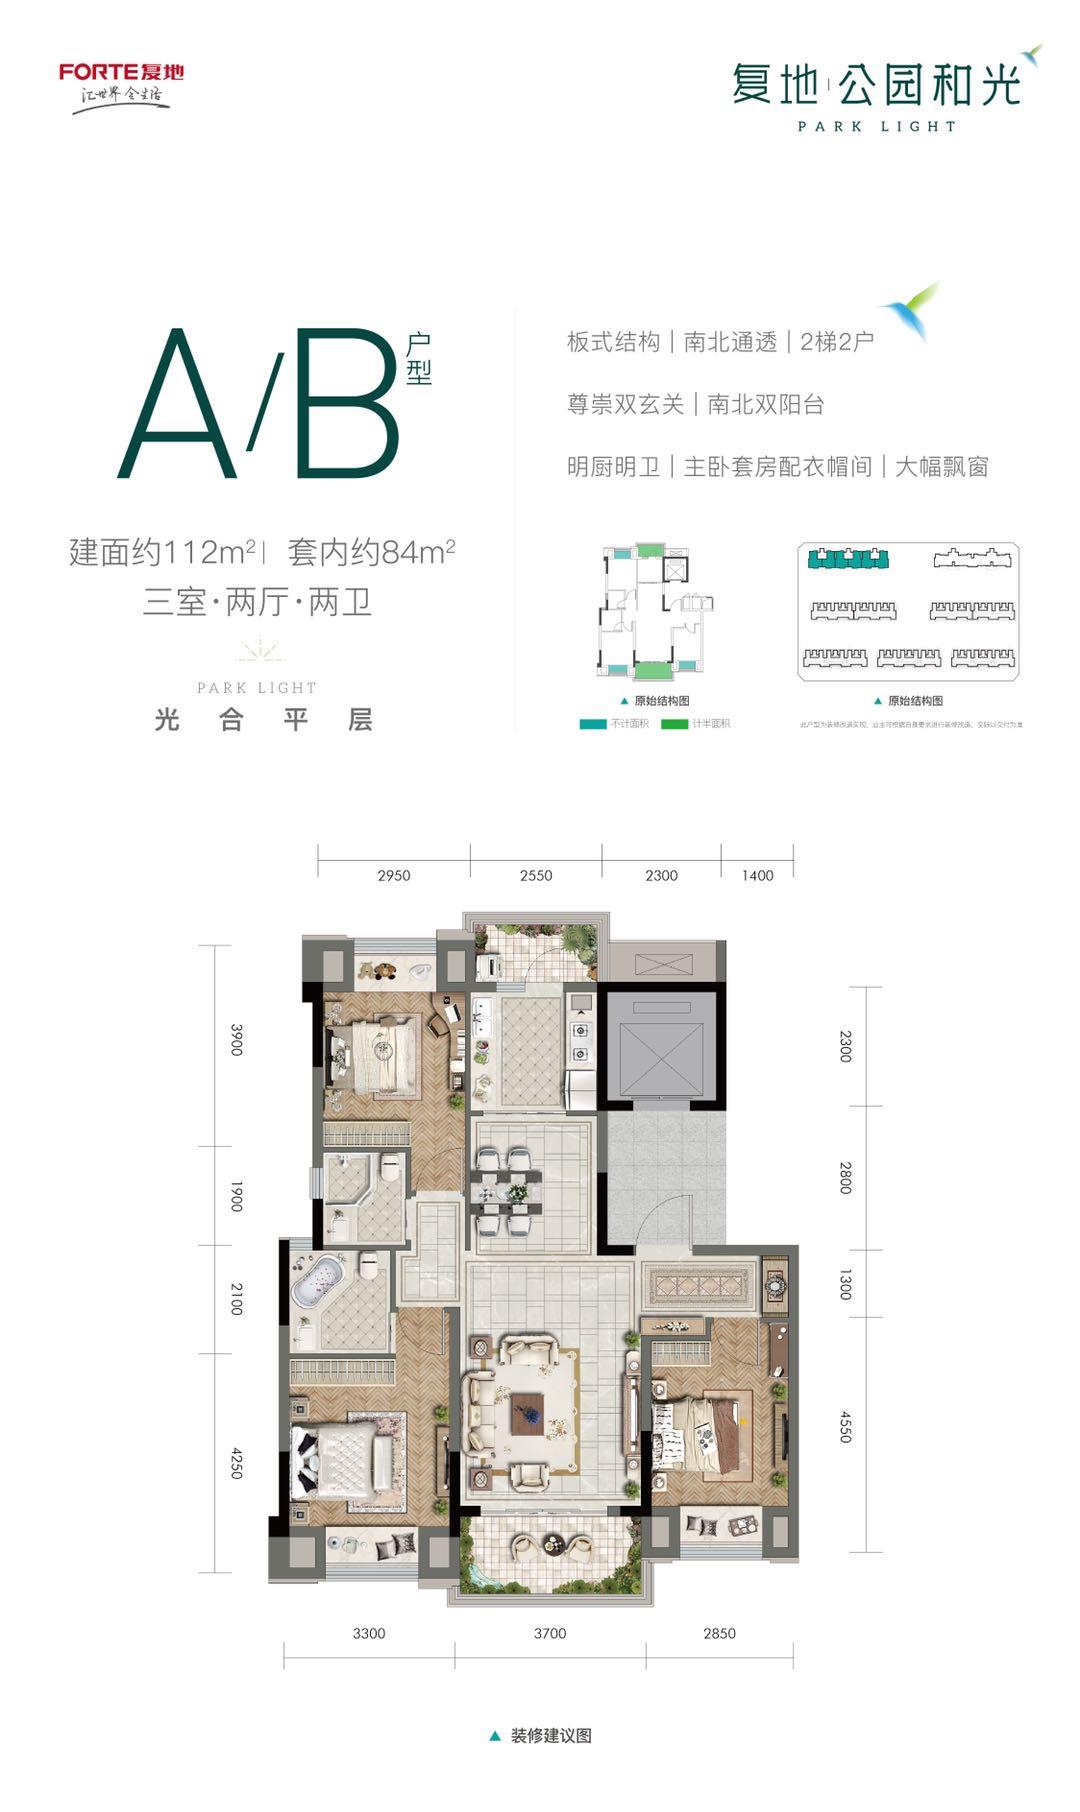 重庆渝北「复地公园和光」——「官方网站」的实拍照片